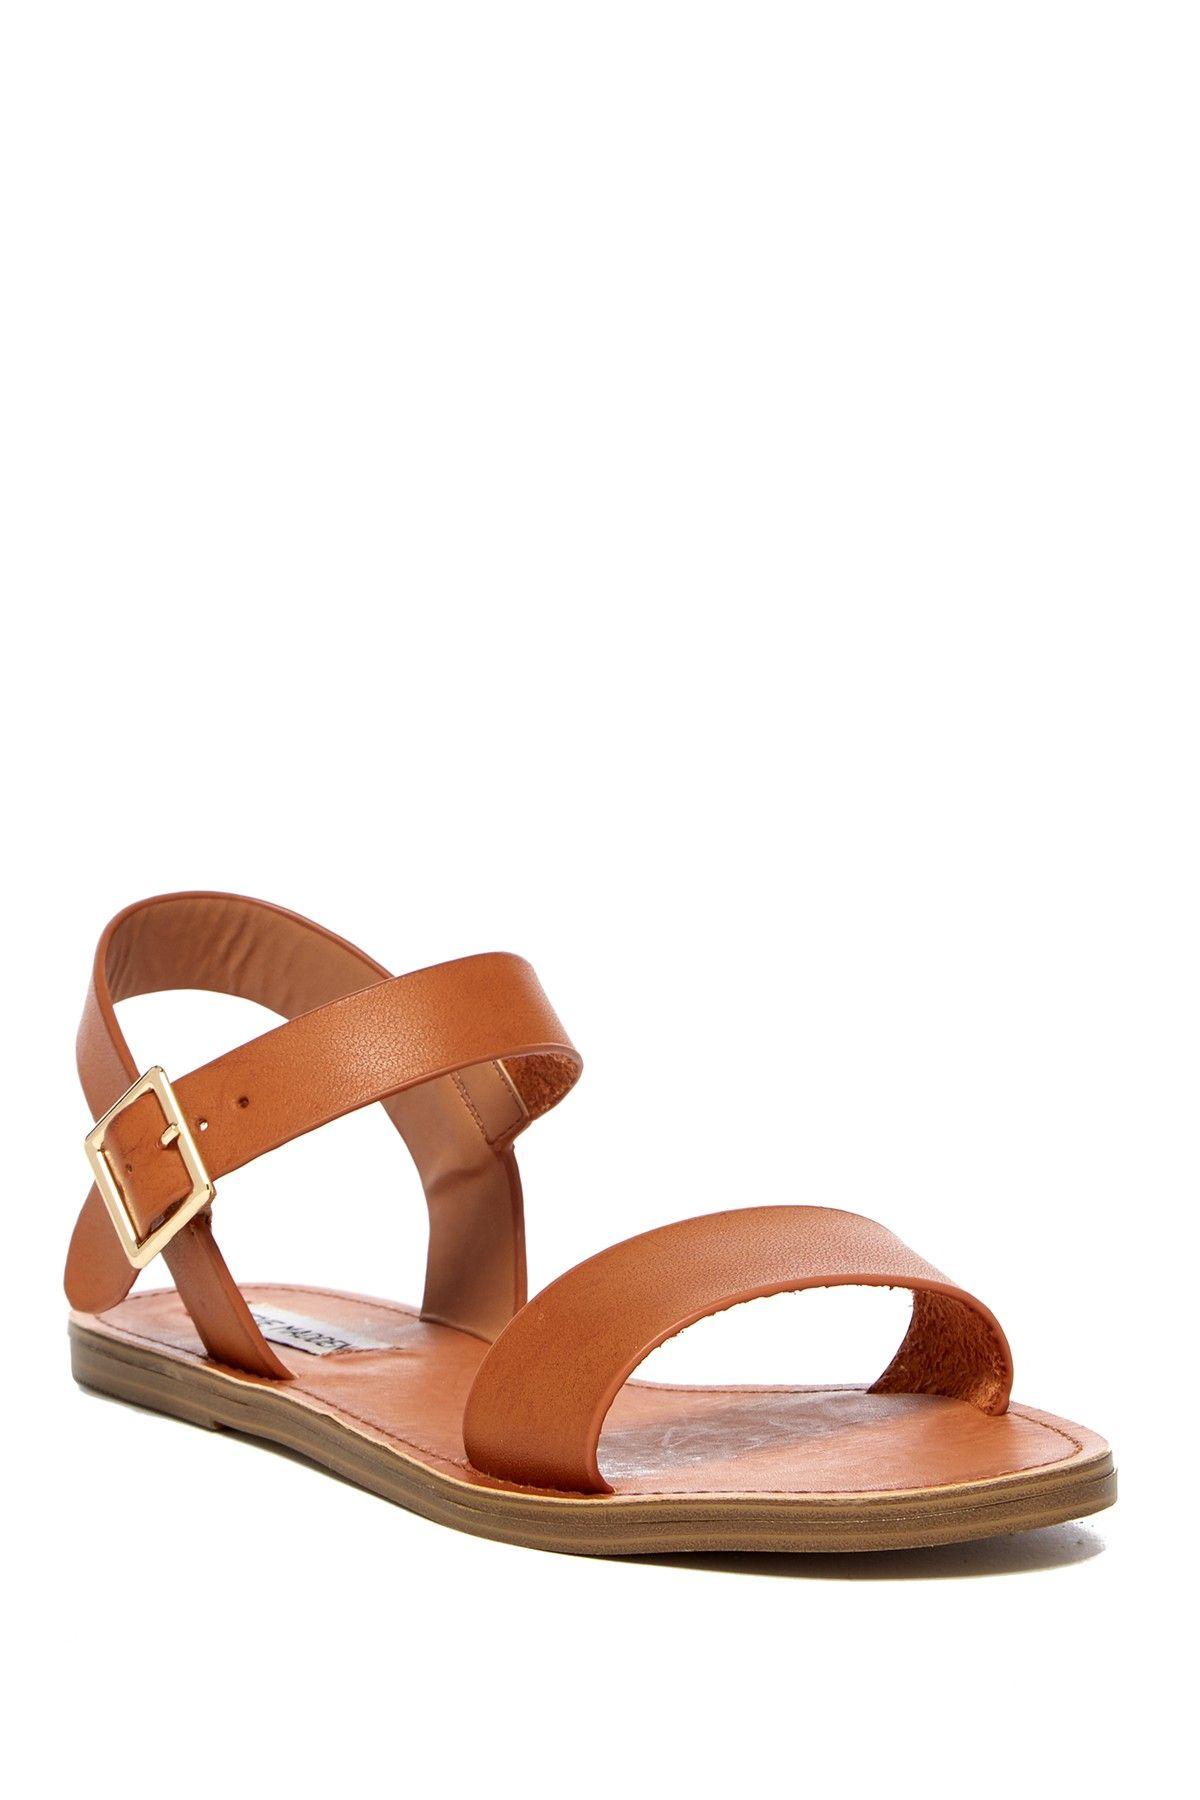 07c7f4b8818 Steve Madden Zone Ankle Strap Sandal